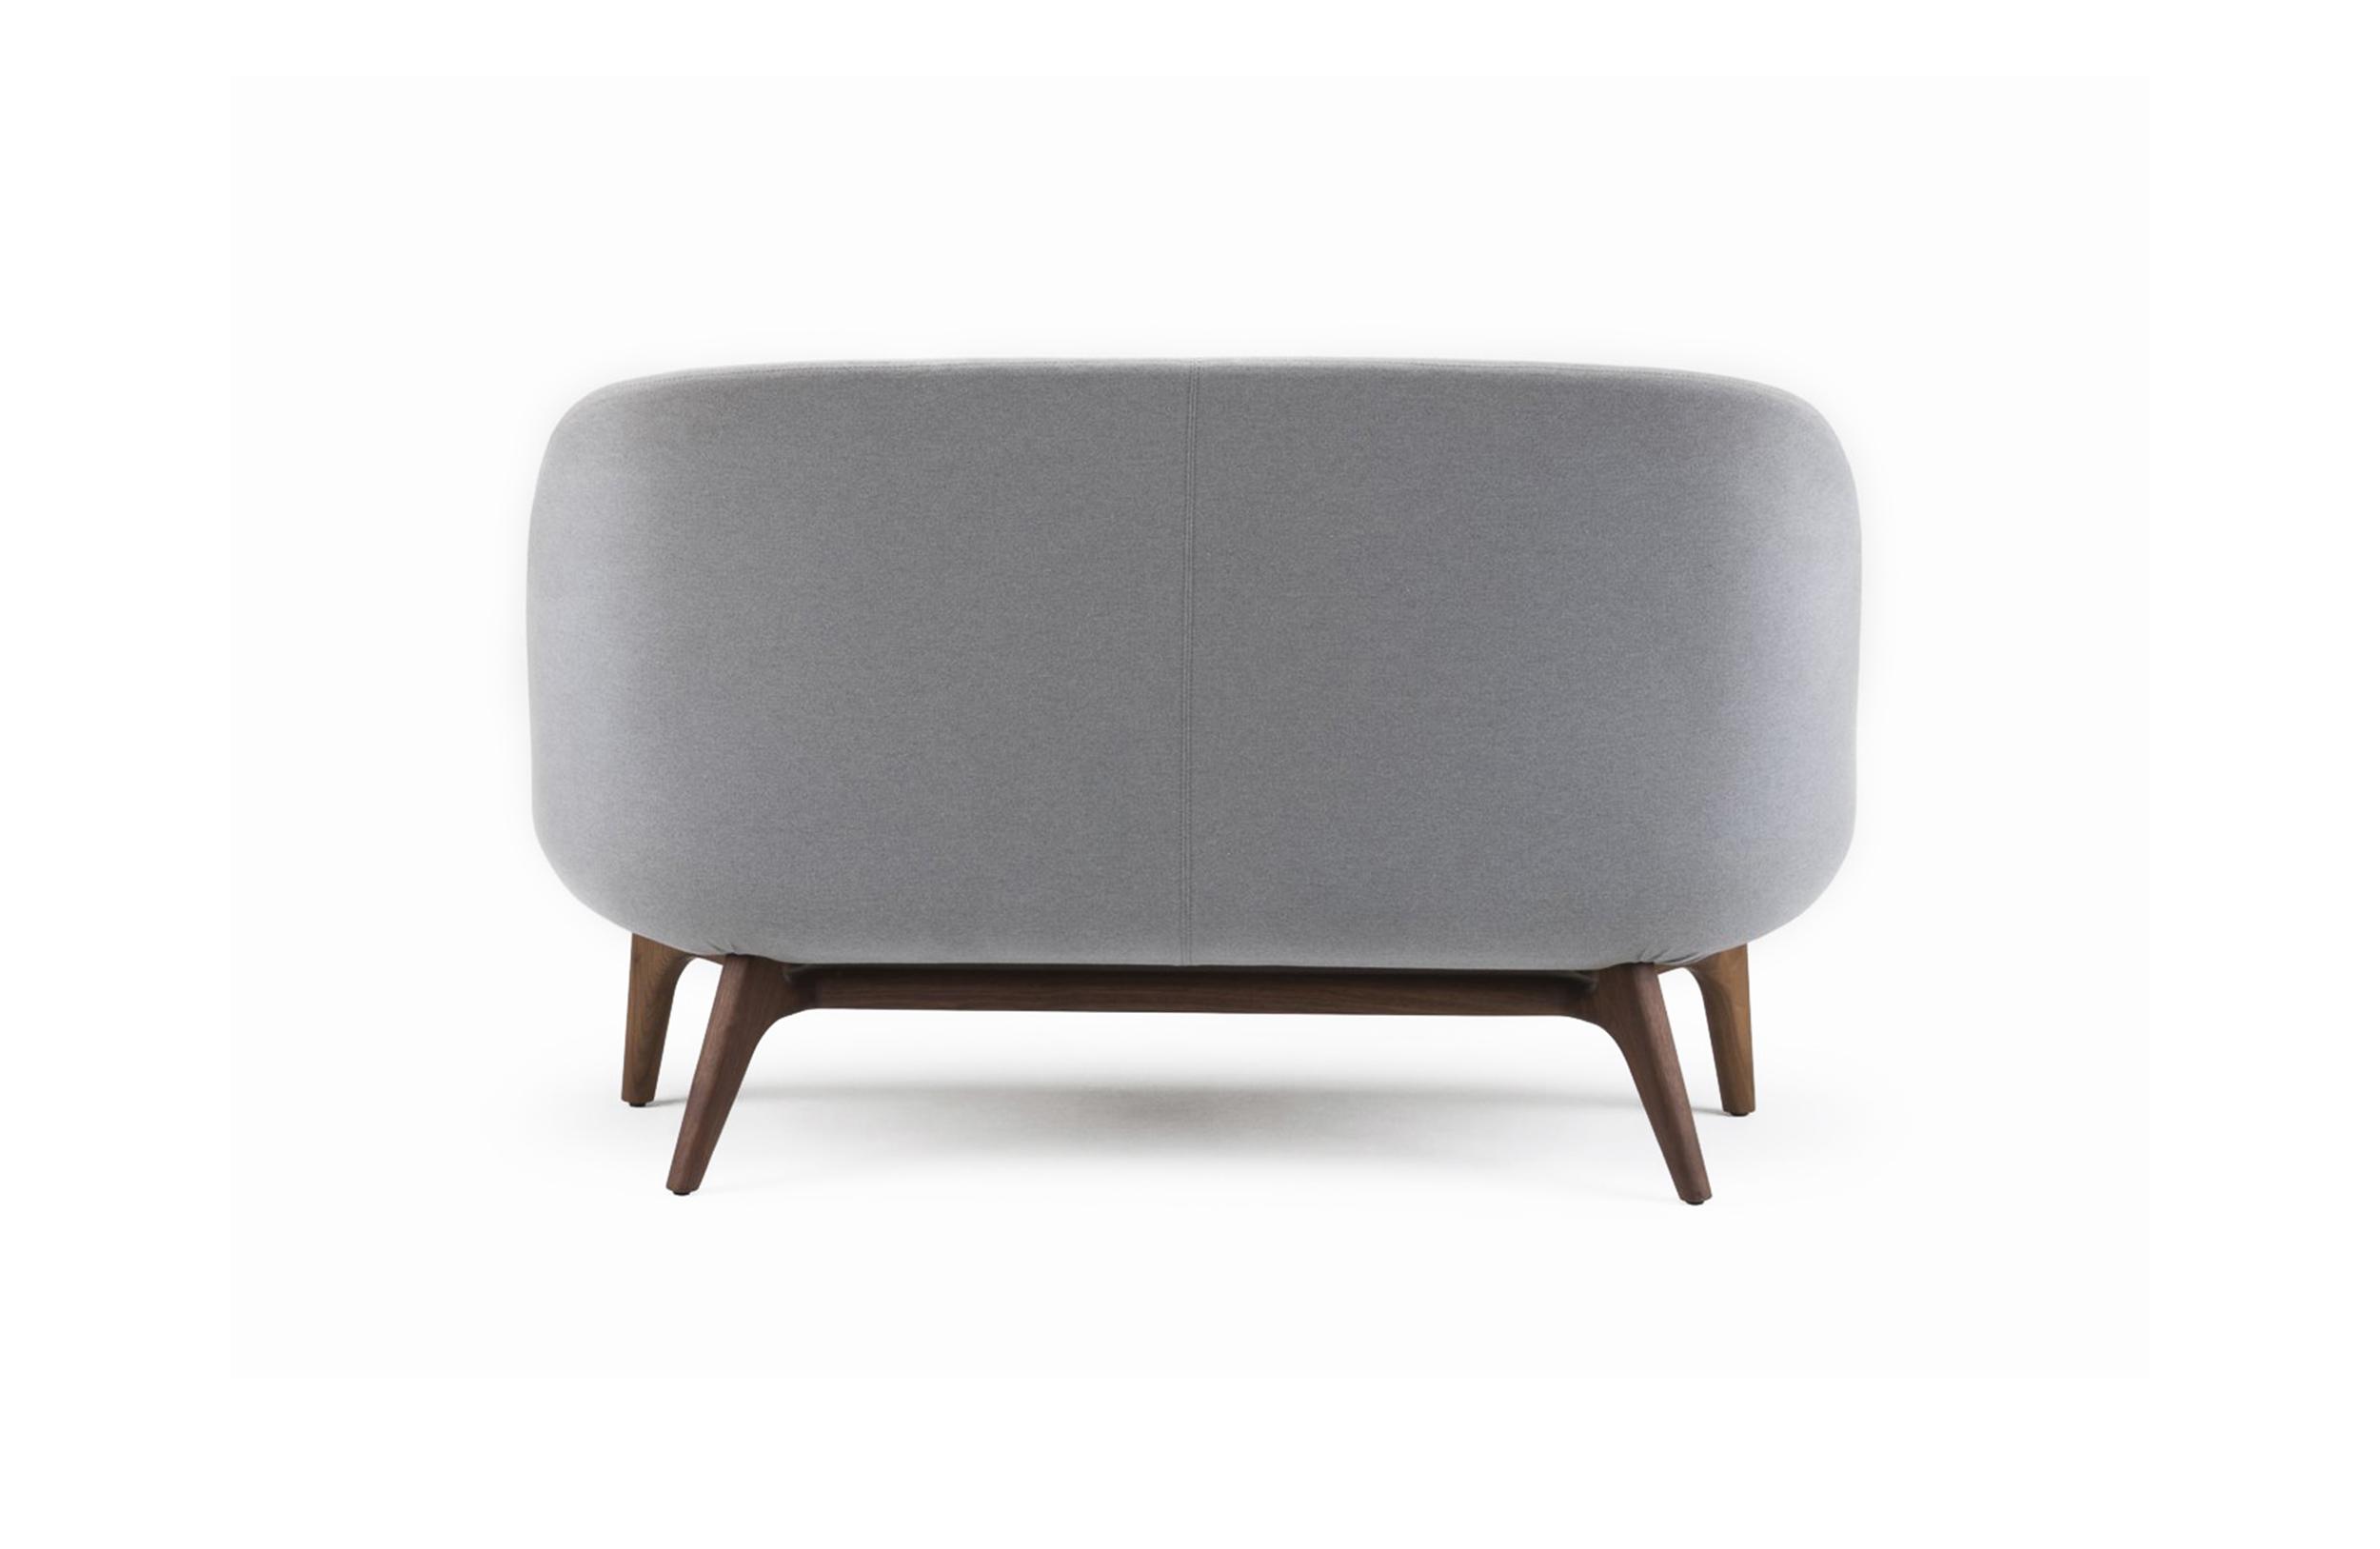 坐具|沙发|创意家具|现代家居|时尚家具|设计师家具|定制家具|实木家具|孤独沙发